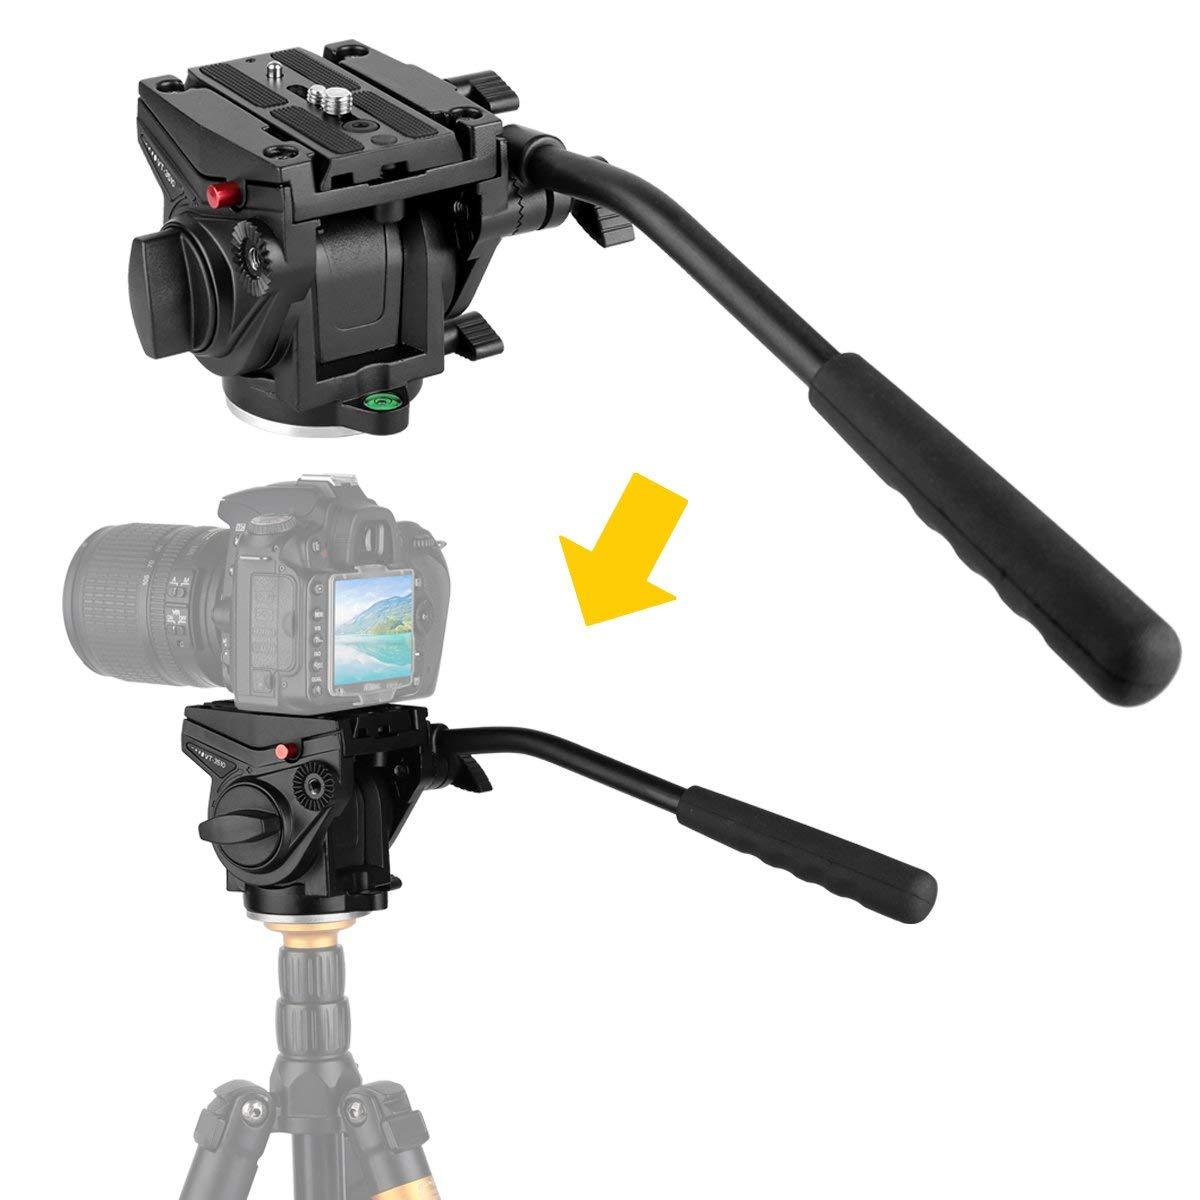 KINGJOY сверхмощный видео камера гидравлическая головка, жидкости Перетащите панорамирования головкой для видеокамеры камкордера цифровой з...